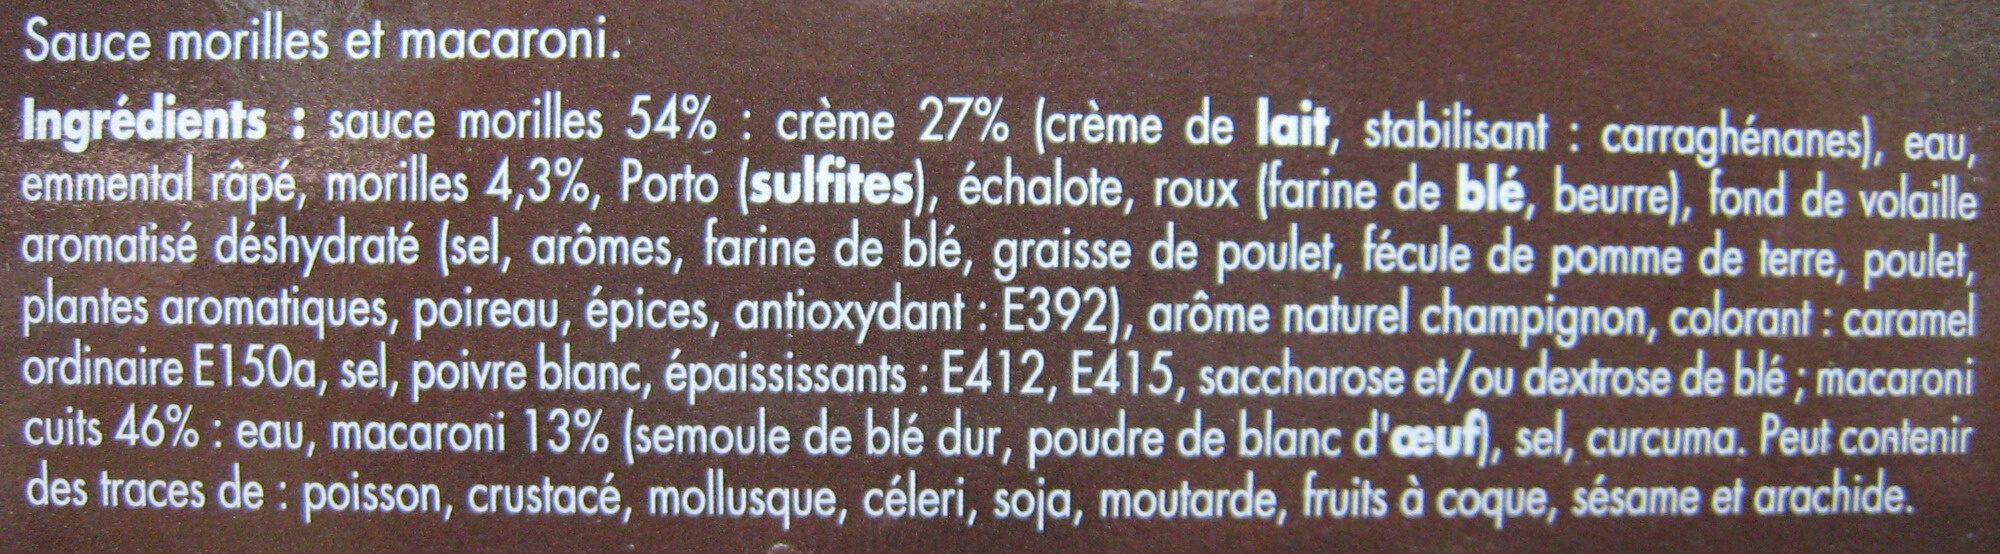 Macaroni morilles - Ingrédients - fr